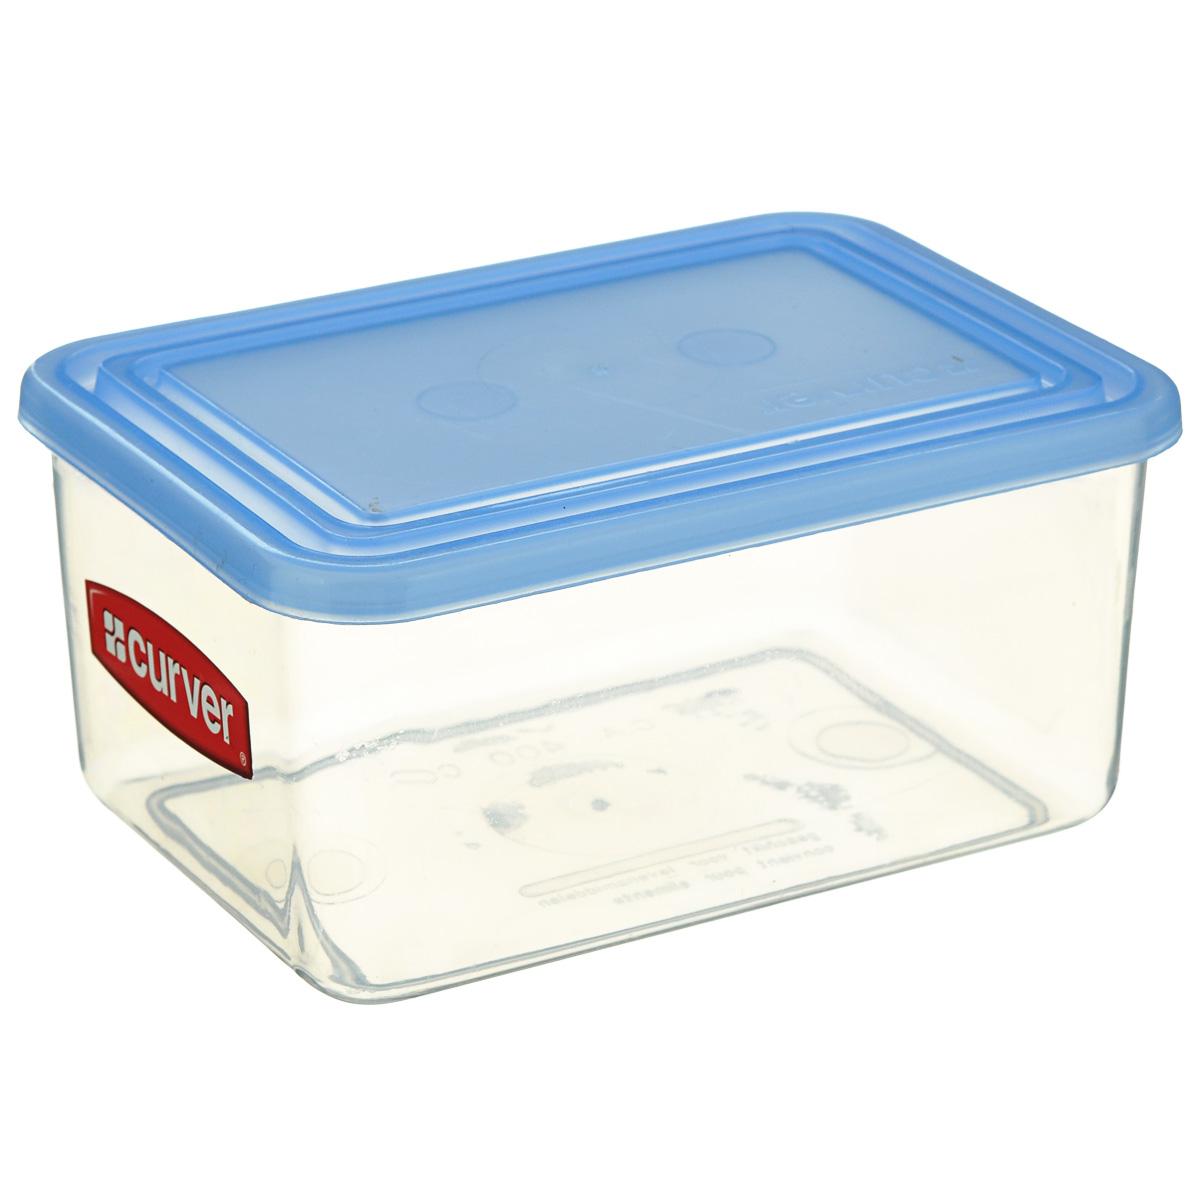 Емкость для заморозки и СВЧ Curver, цвет: голубой, 1,2 л03872-084-66Емкость для заморозки и СВЧ Curver изготовлена из высококачественного пищевого пластика. Стенки емкости прозрачные, а крышка цветная. Она плотно закрывается, дольше сохраняя продукты свежими. Емкость удобно брать с собой на работу, учебу, пикник и дачу. Можно использовать в микроволновой печи и для заморозки в морозильной камере.